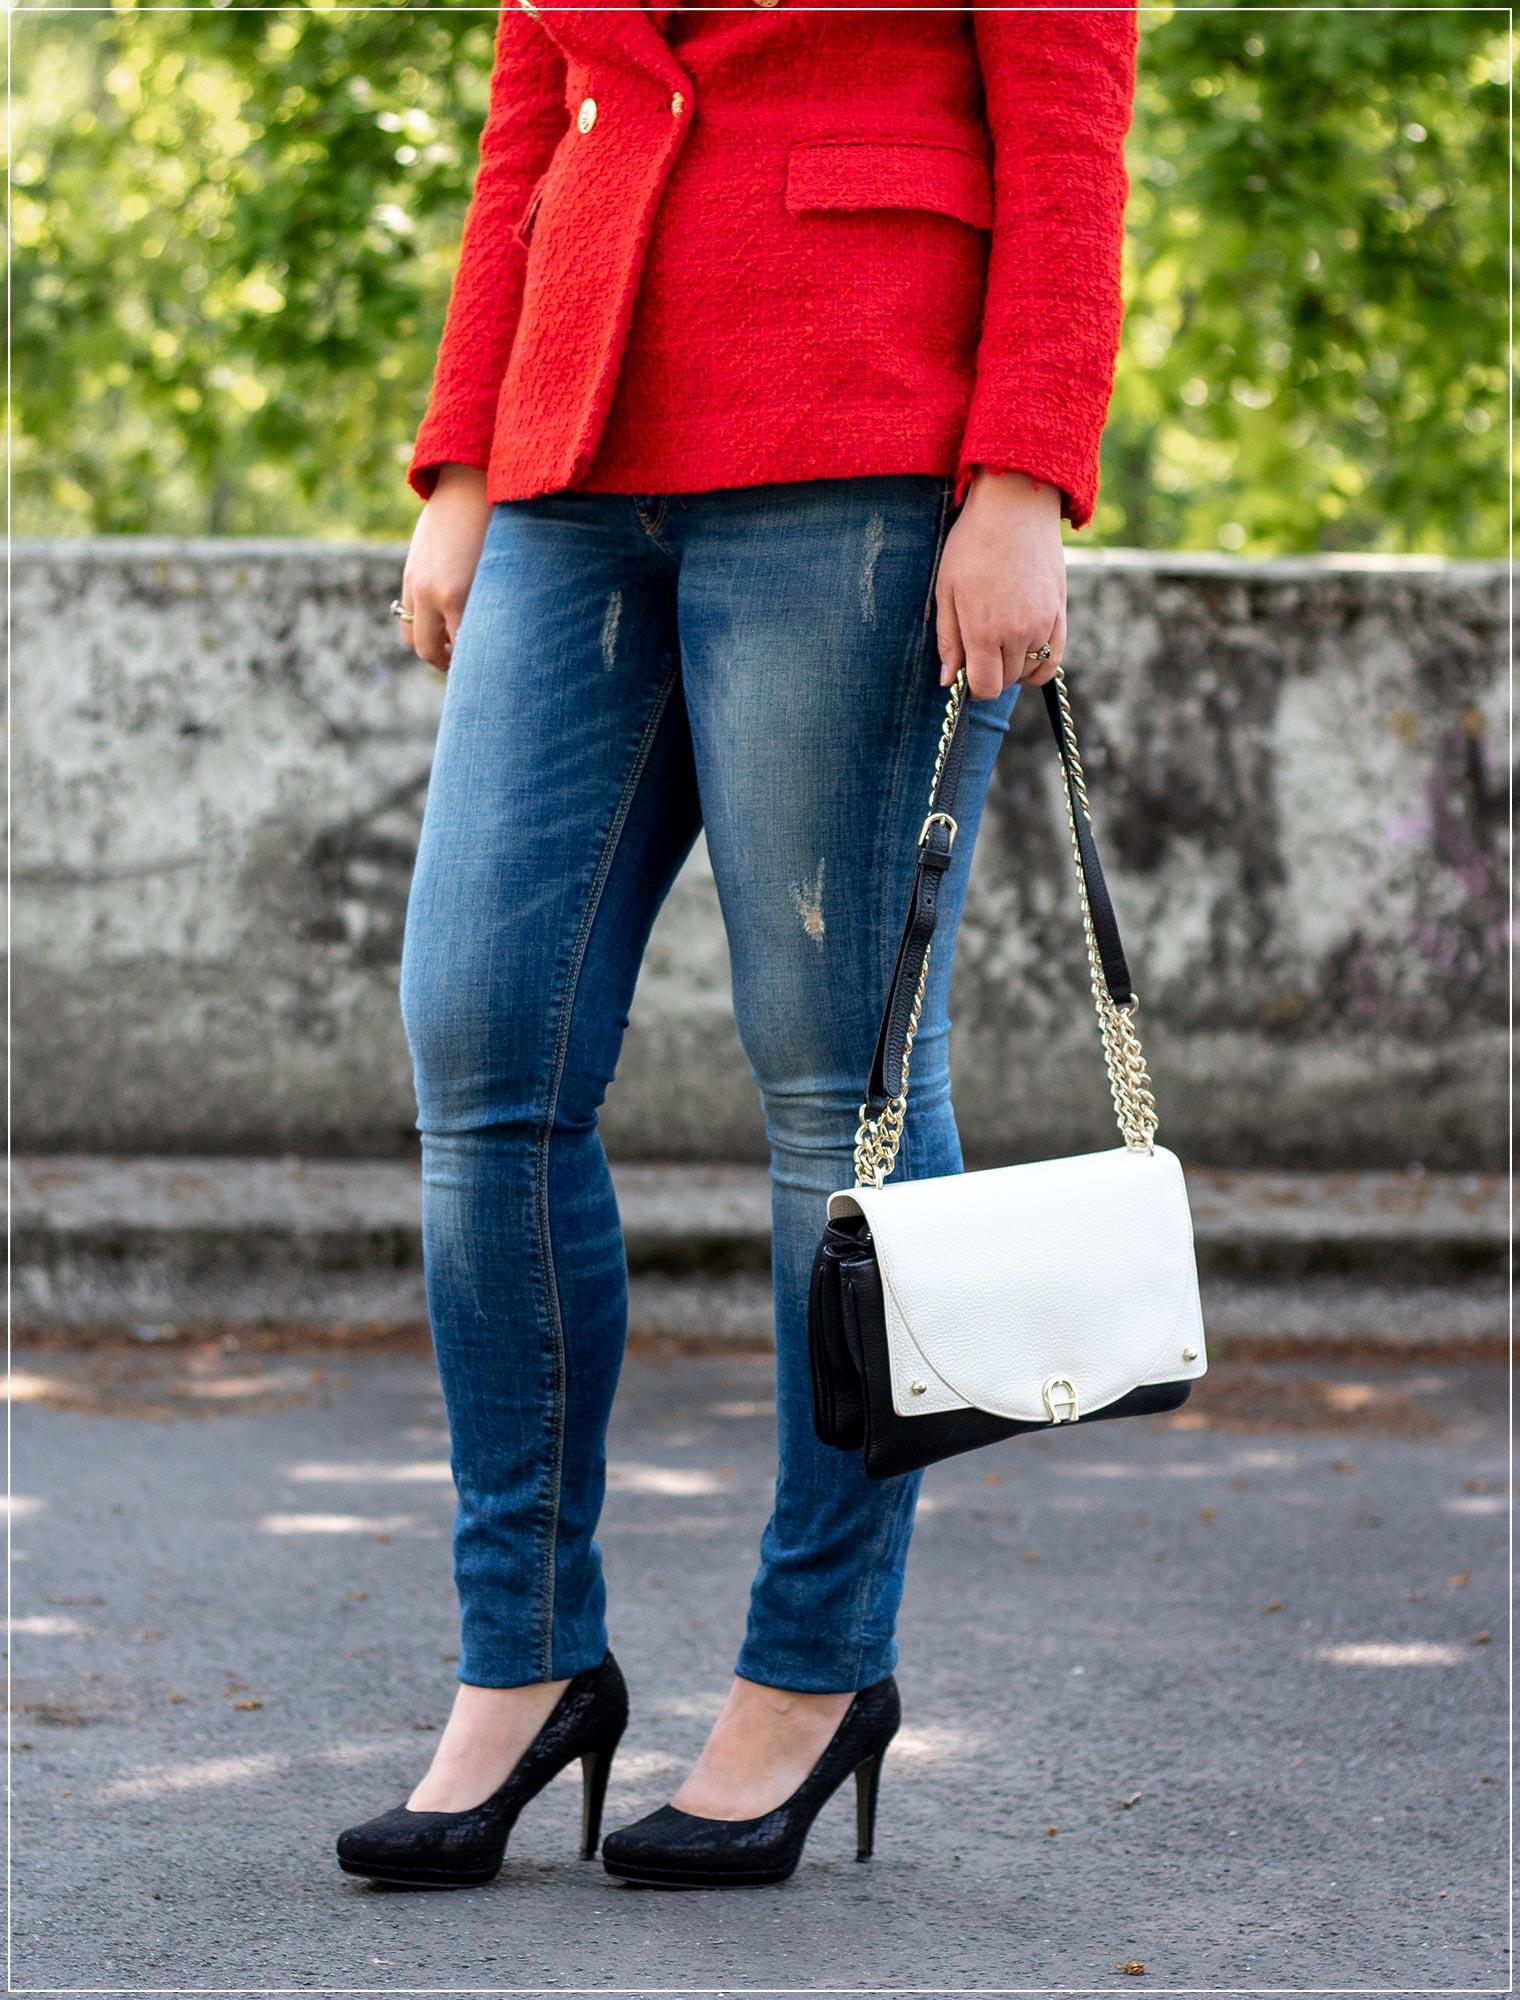 Jeans kombiniert mit Blazer und Pumps